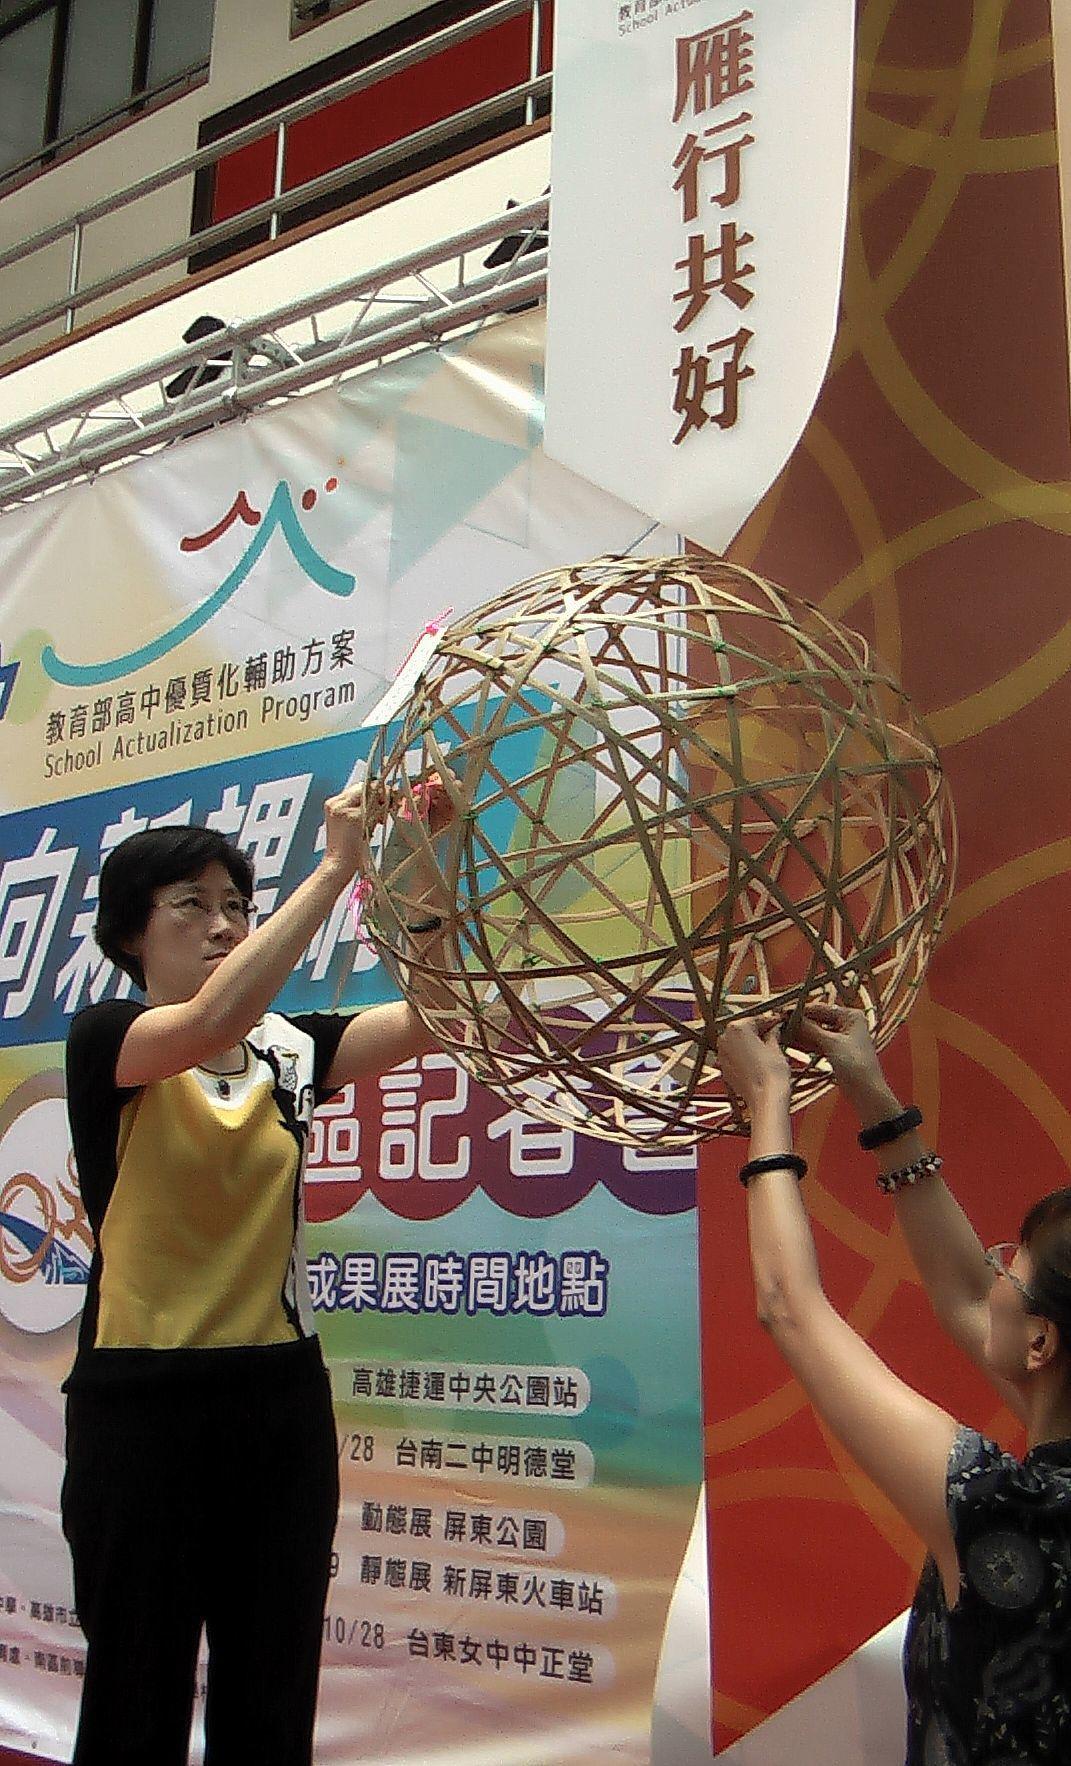 與會來賓並在「雁行共好」的竹編球,繫上對高中優質化的願景。記者徐如宜/攝影